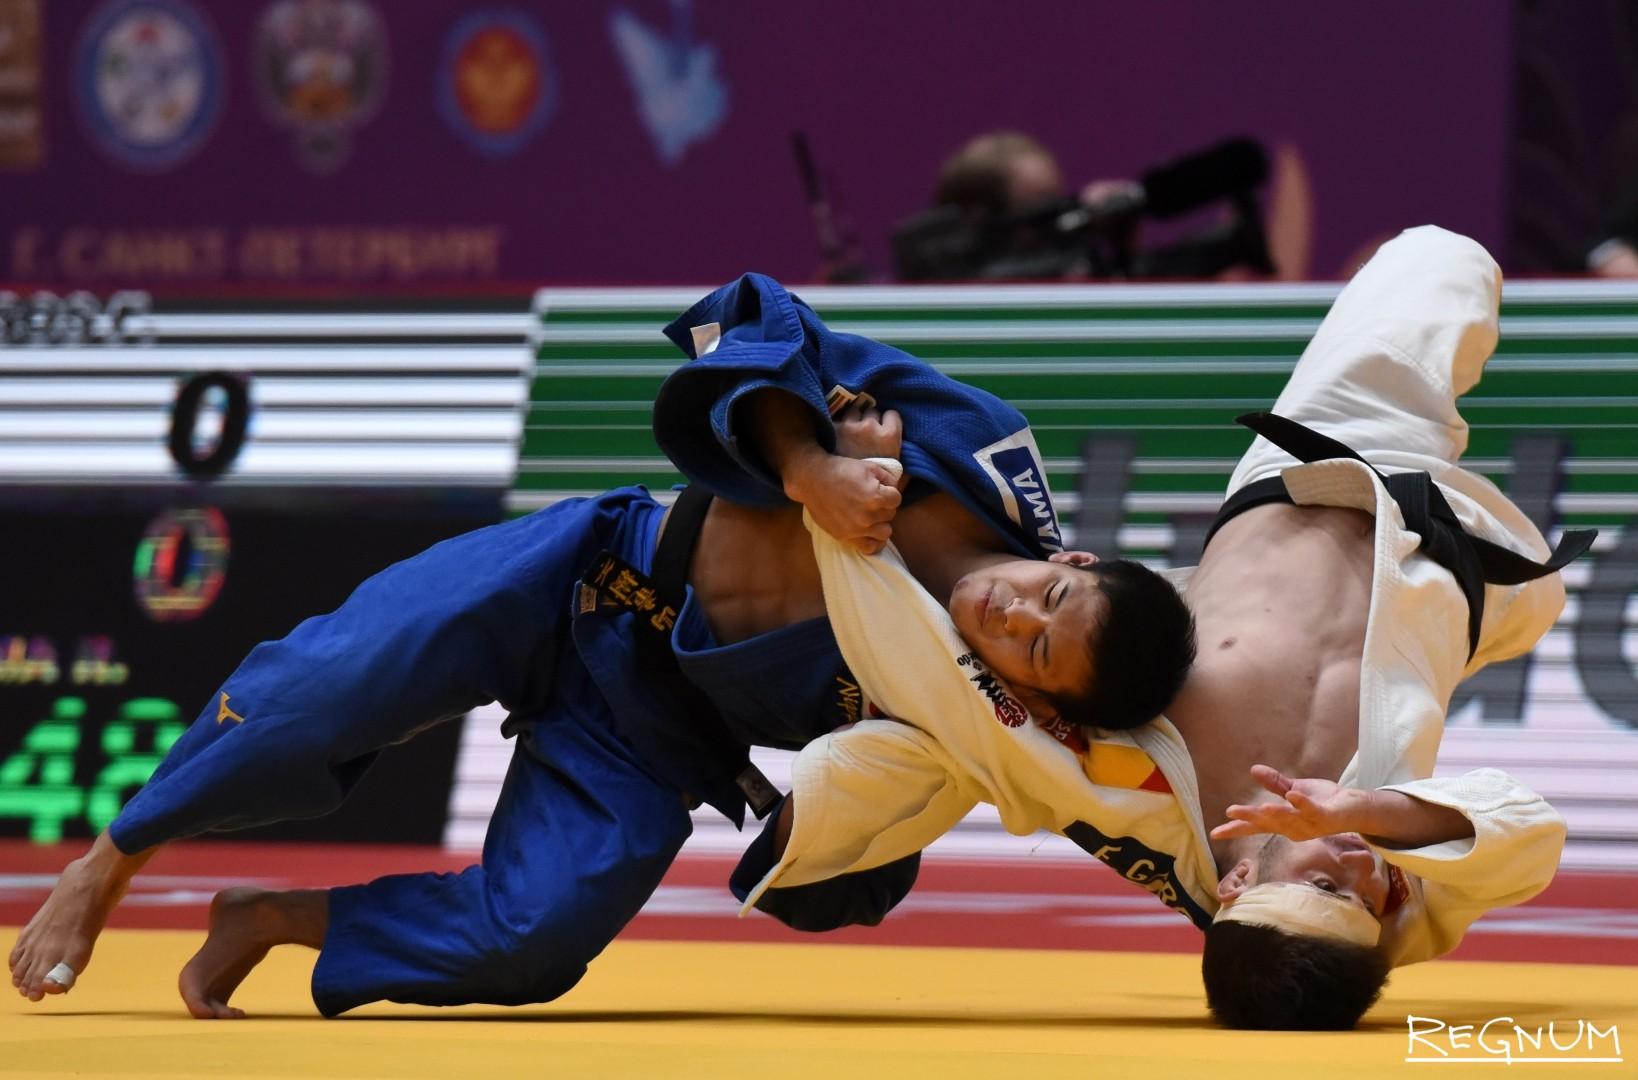 Международный турнир по дзюдо «Мастерс-2017». Дзюдоисты Гарригос Ф. (Испания, белый) и Нагаяма Р. (Япония, синий)